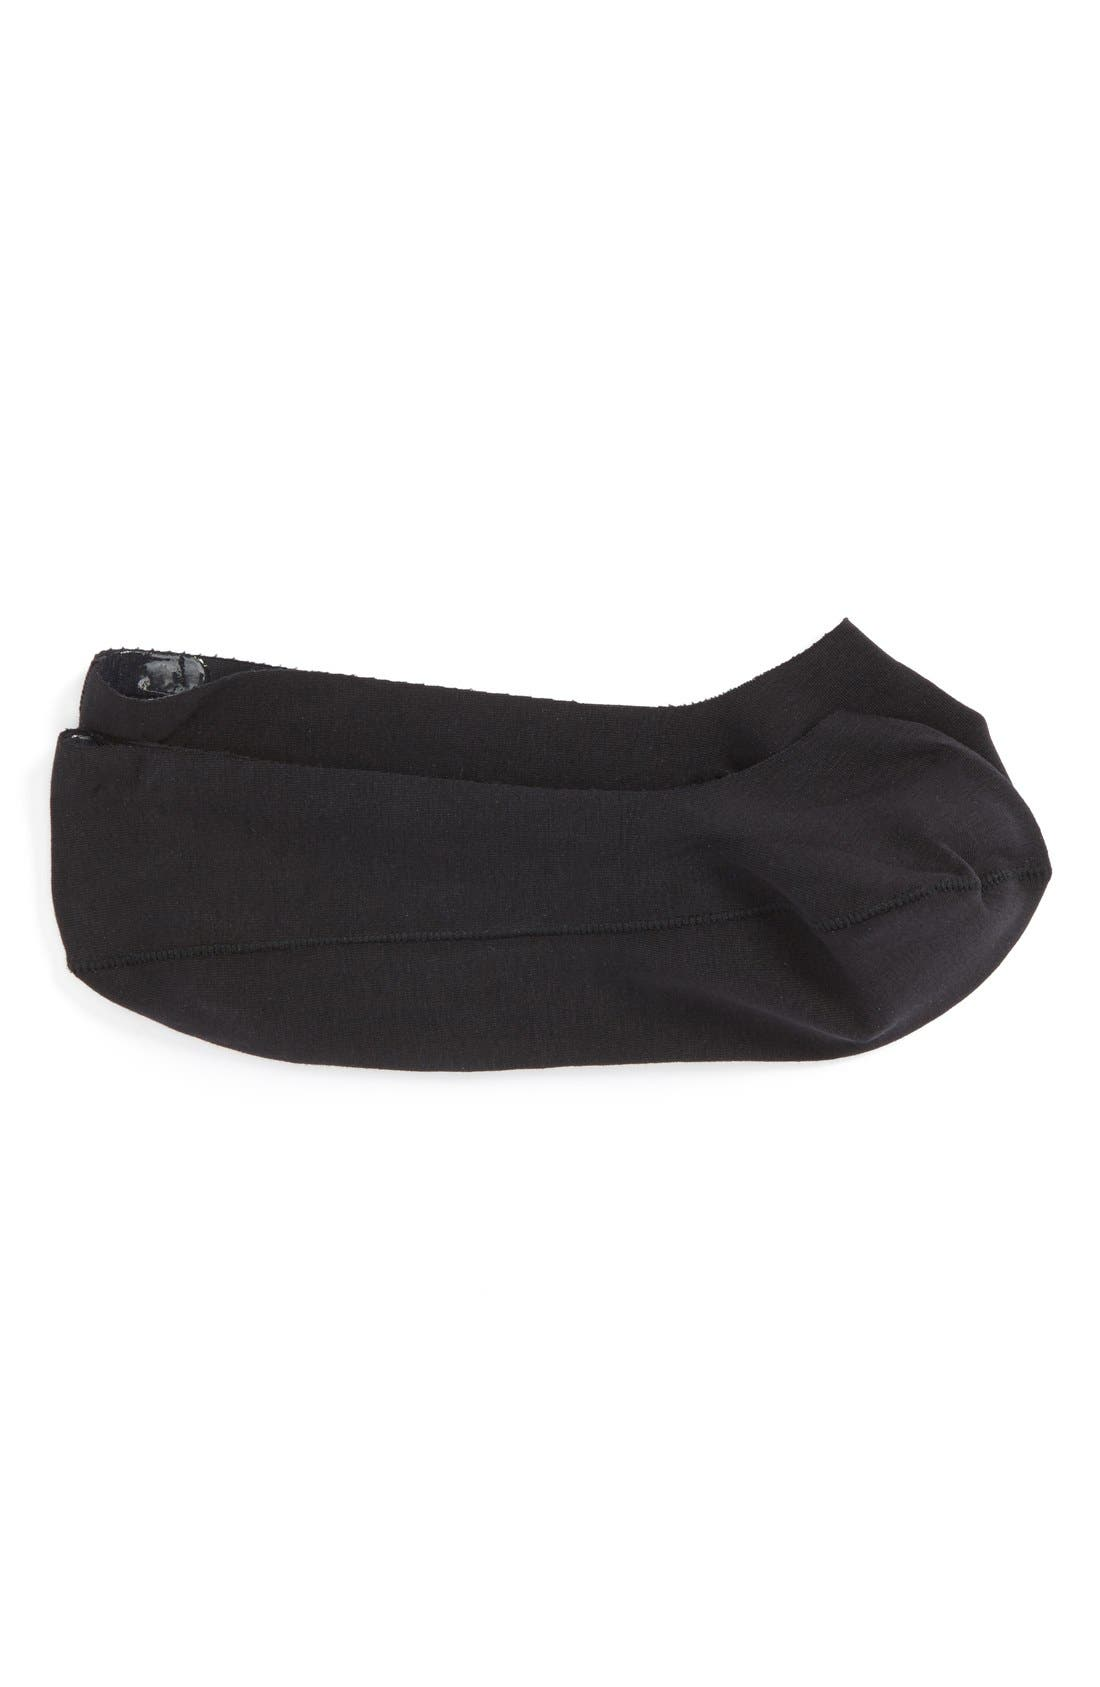 'Ultra Fit' Laser Cut Liner Socks,                         Main,                         color, Black